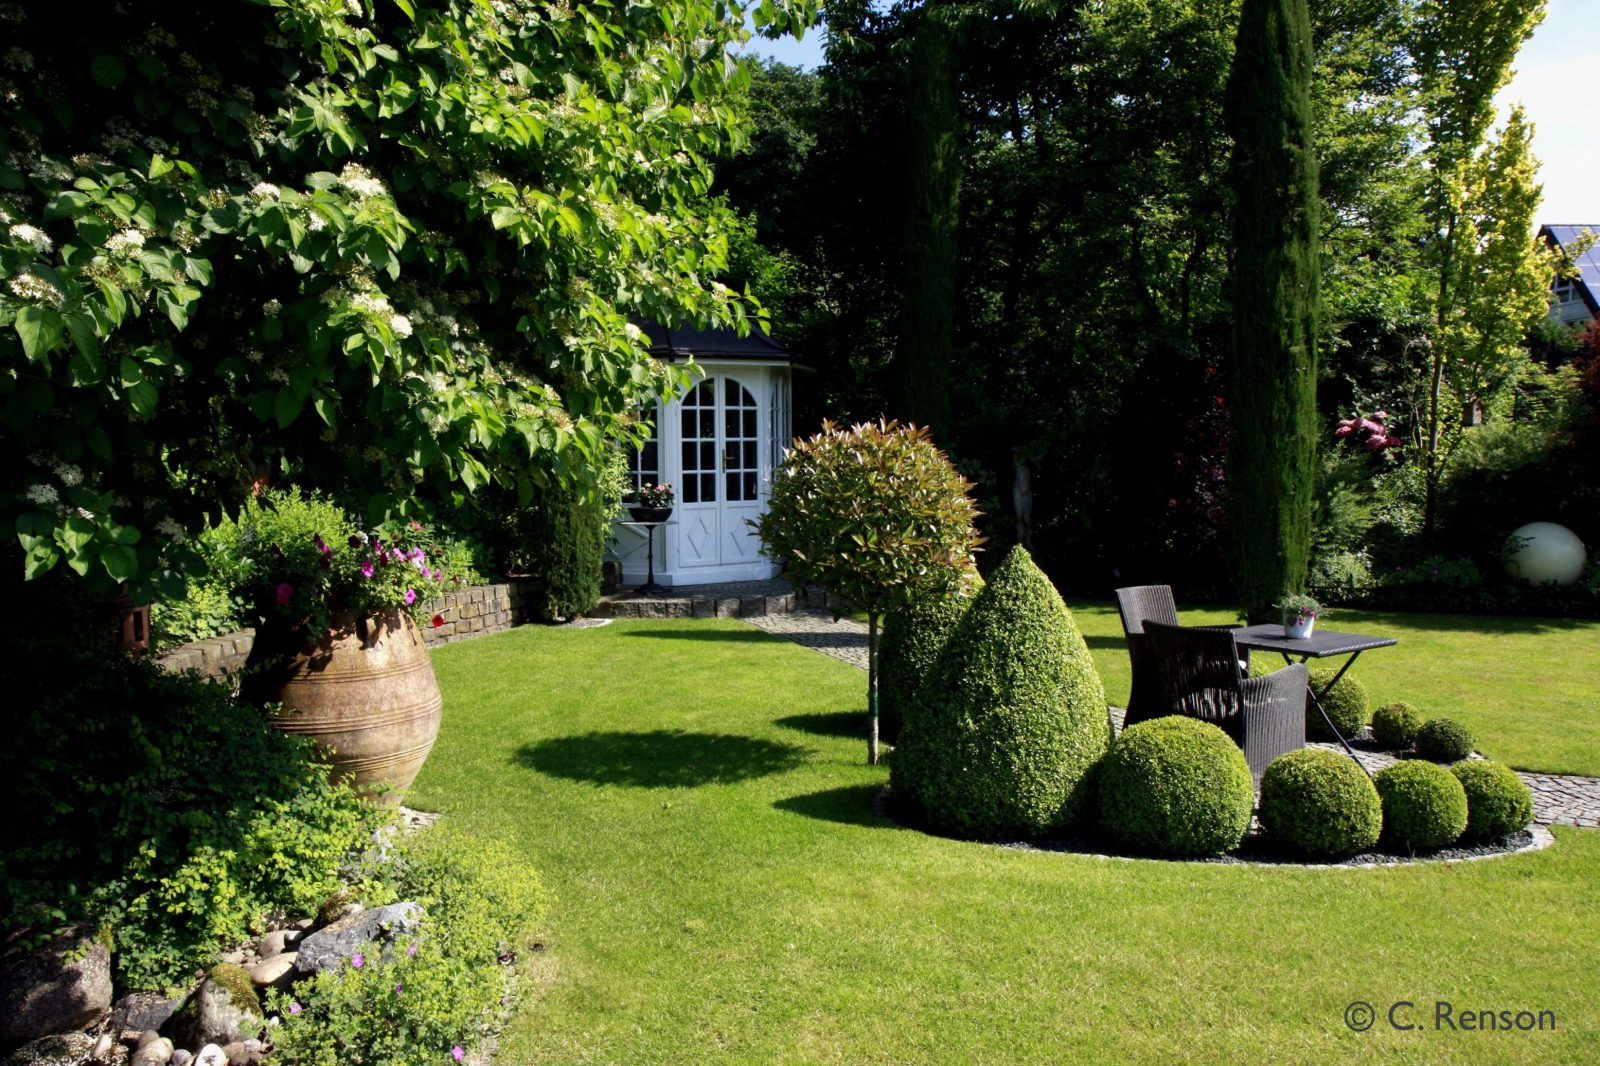 48 Frisch Für Vorgarten Gestalten Mit Kies Und Gräsern Design von Vorgarten Gestalten Mit Kies Und Gräsern Photo